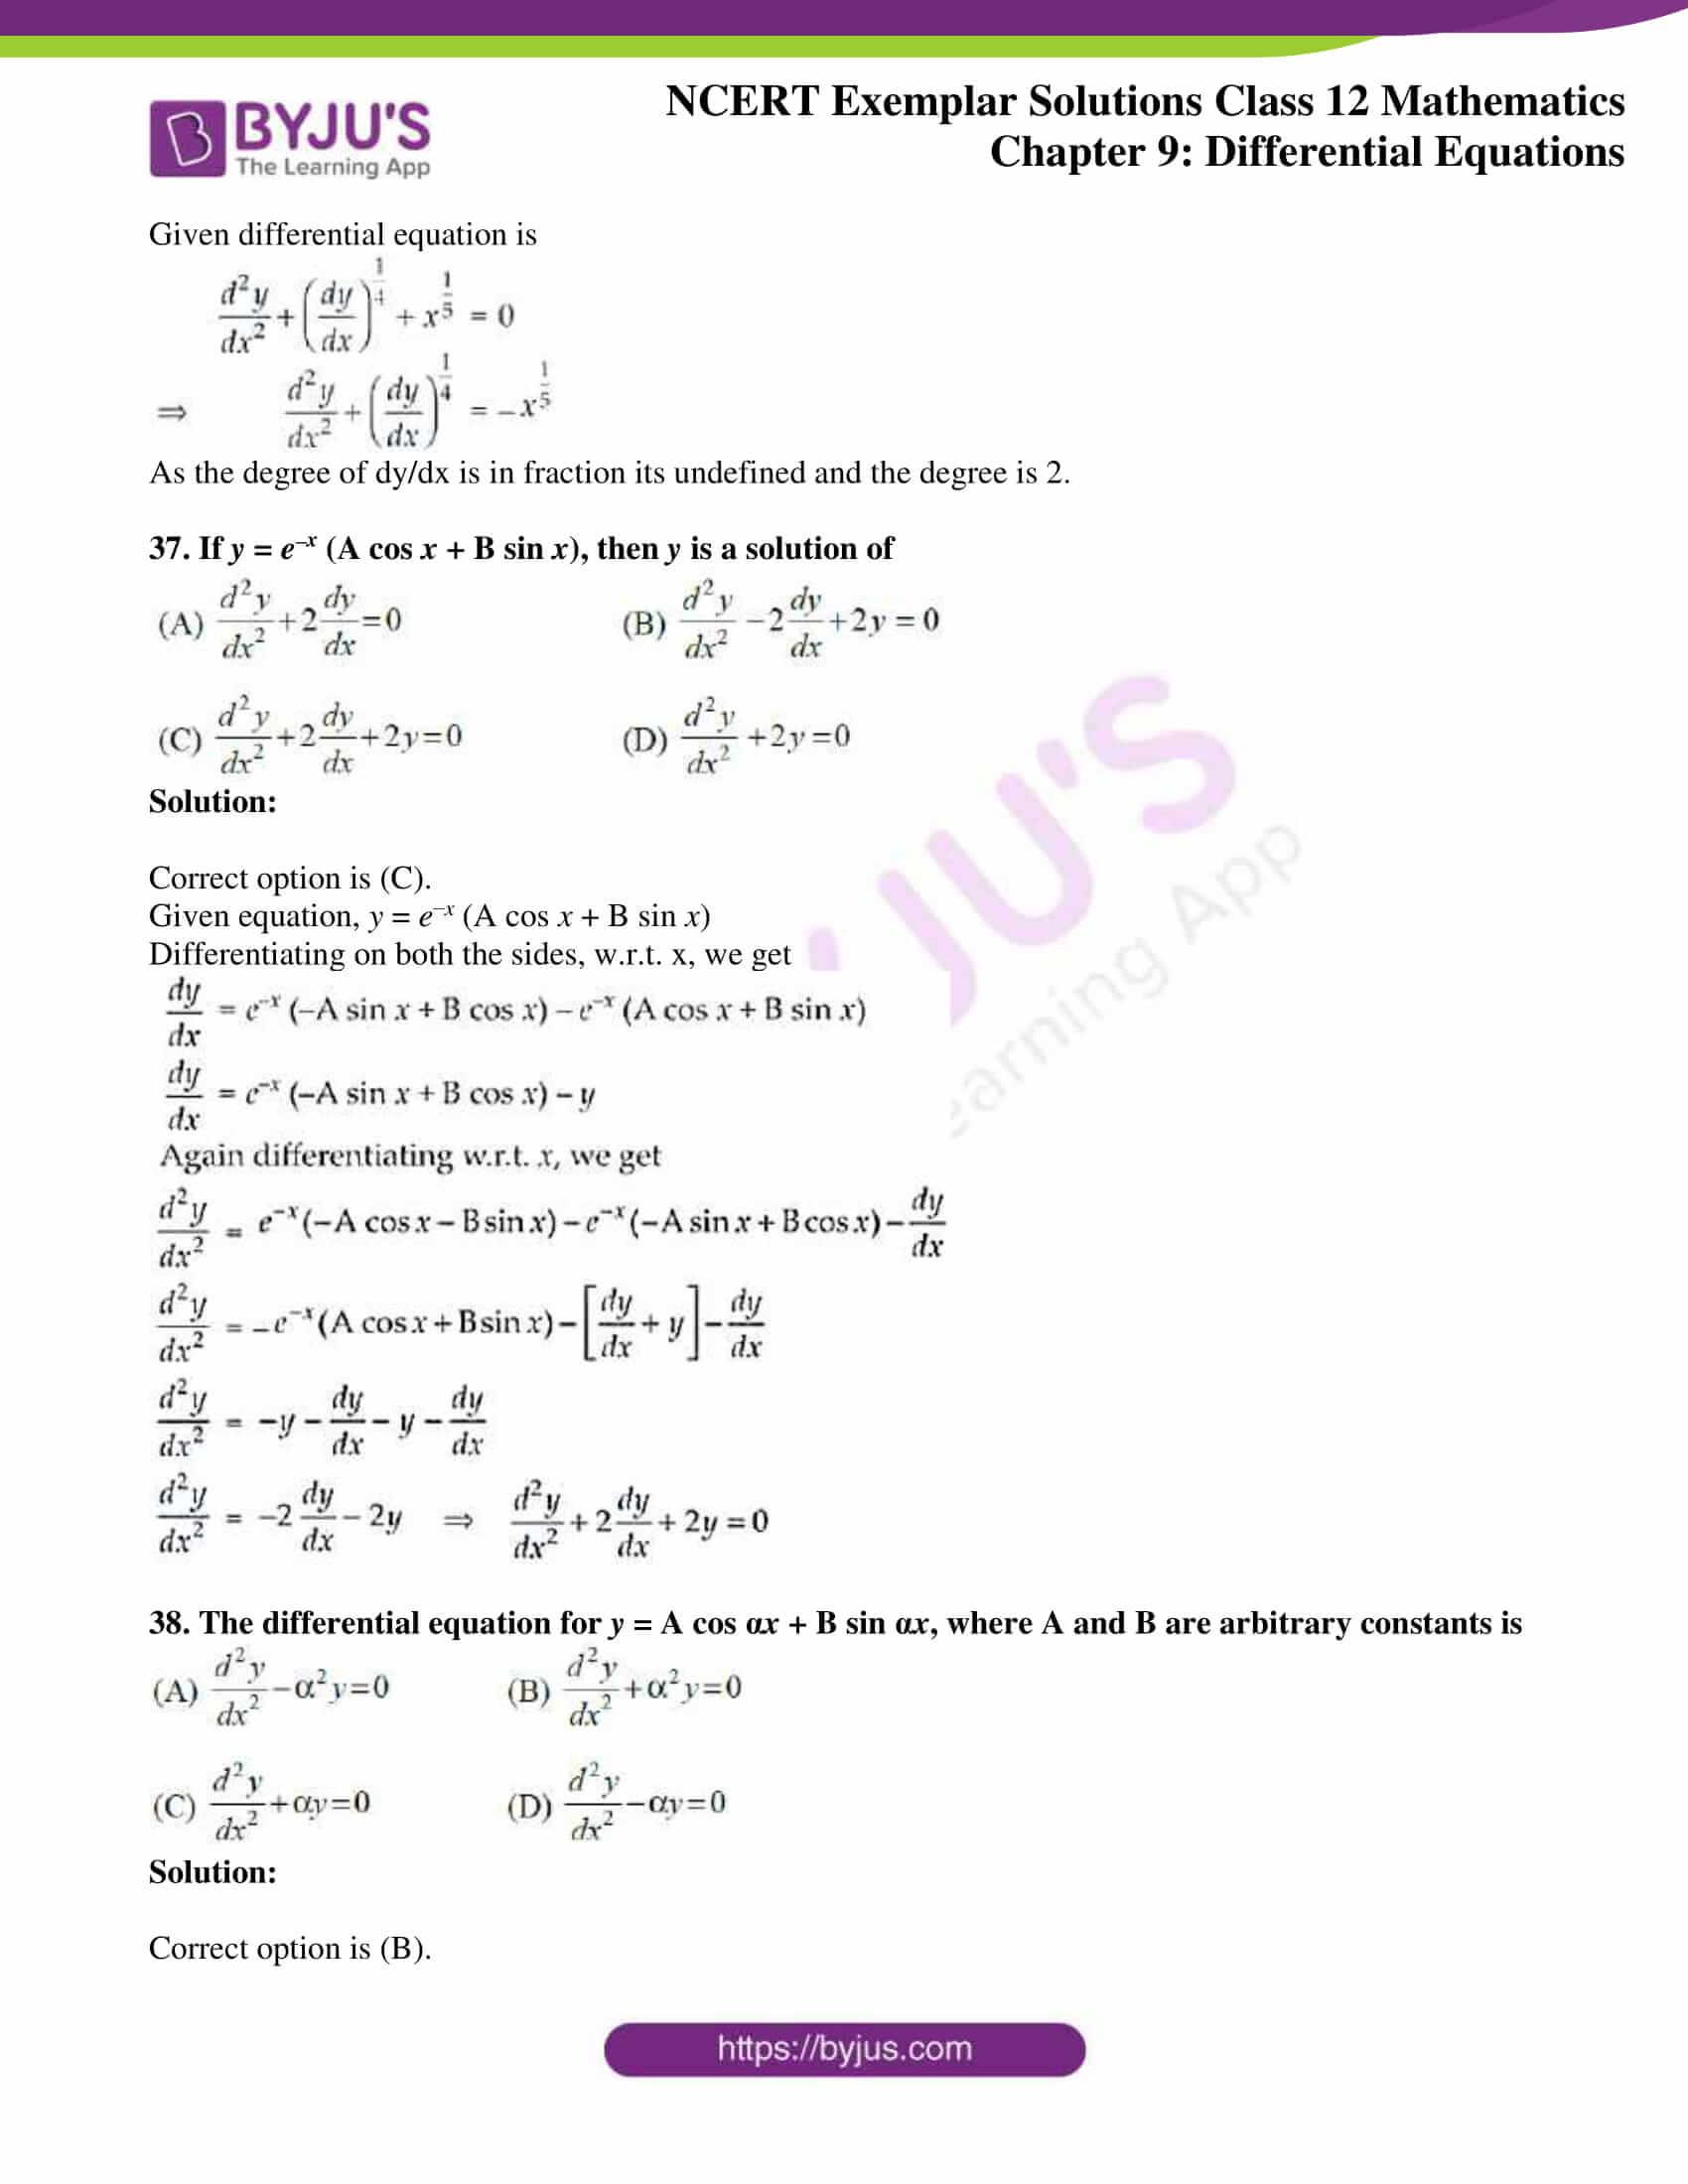 ncert exemplar sol class 12 mathematics ch 9 23